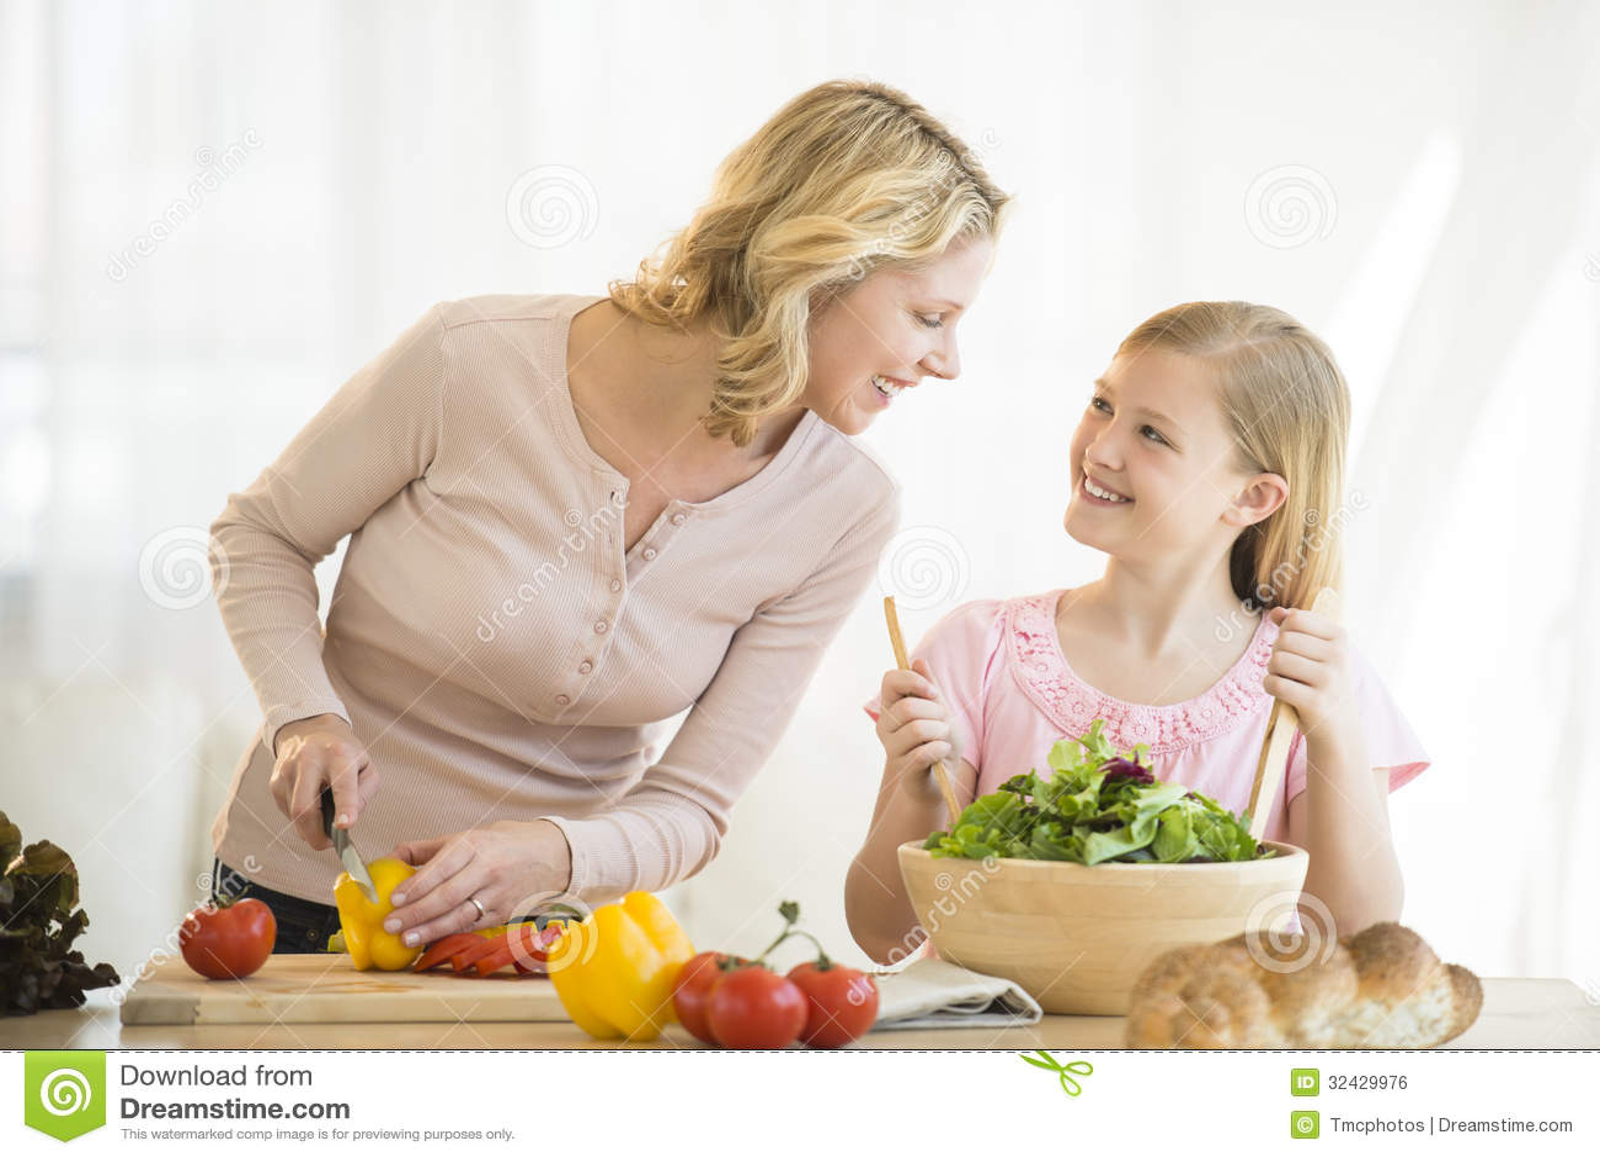 La cochinada de madre e hija comparando su orina en